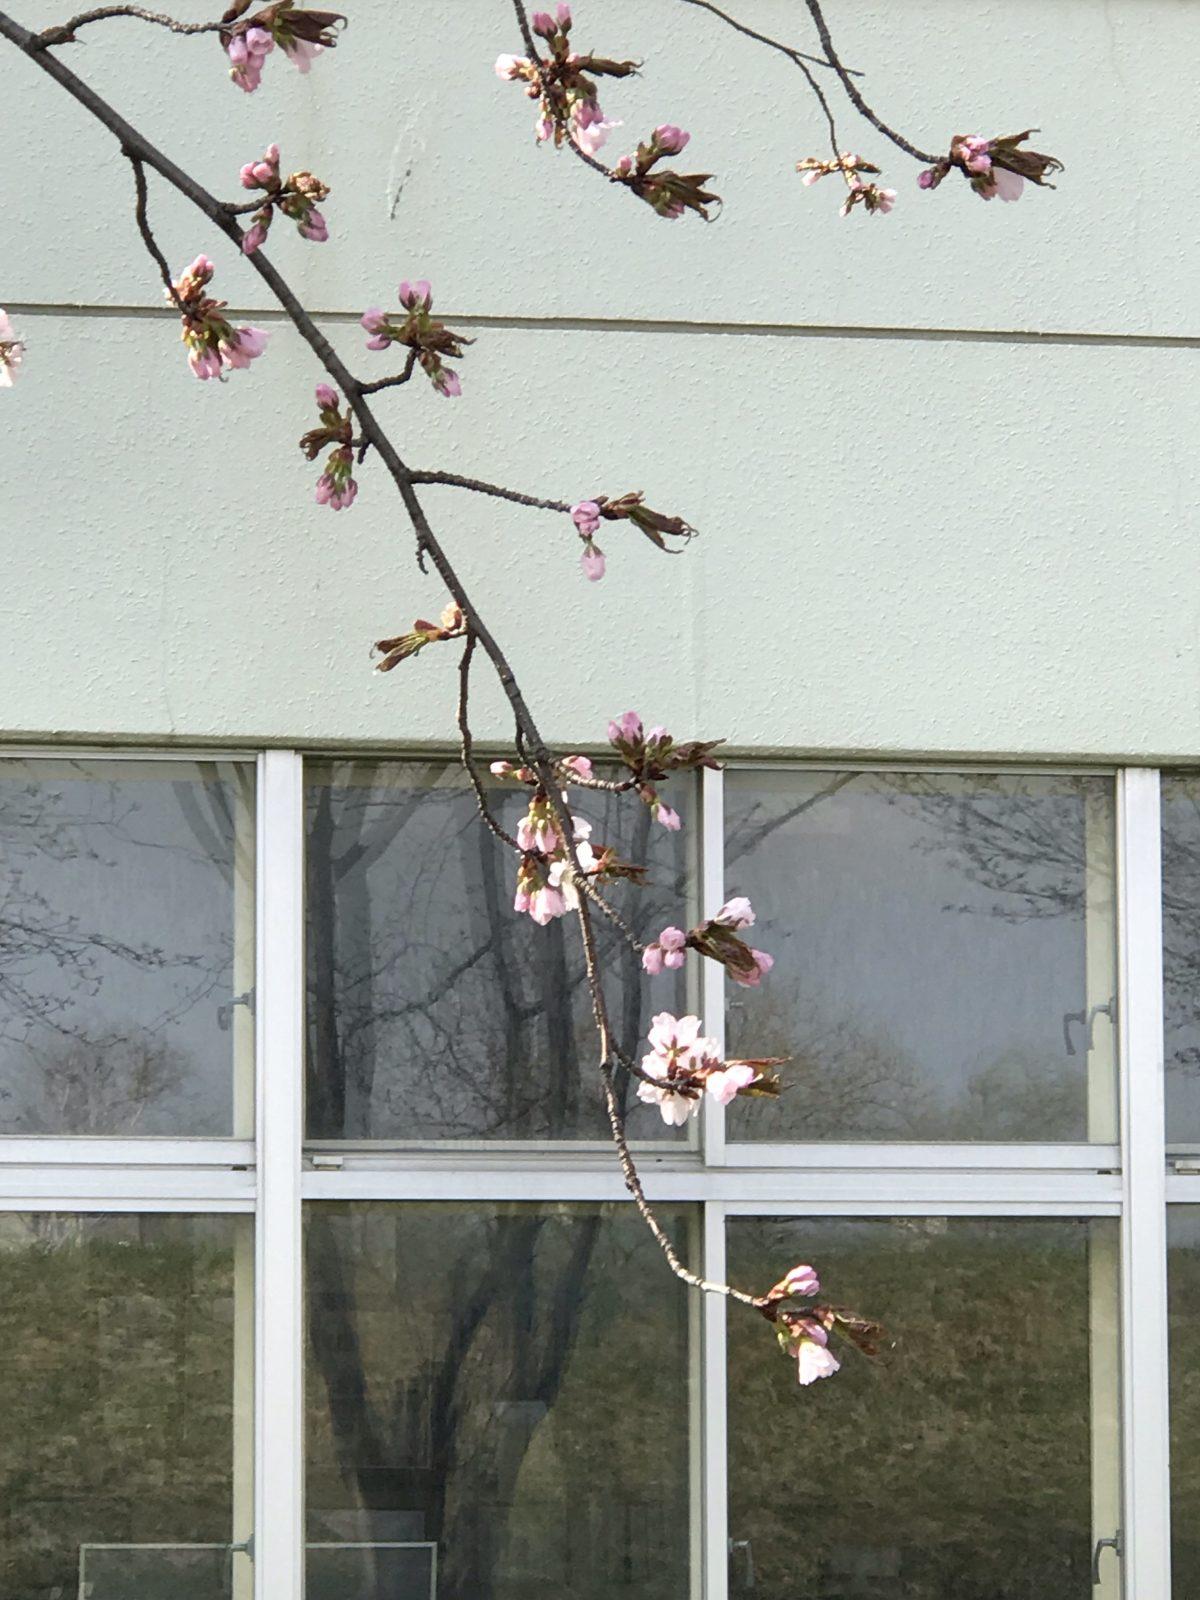 【お知らせ】ひぐま大学の卒業式・祝賀会及び定期総会の再延期、ひぐま大学入学式の延期